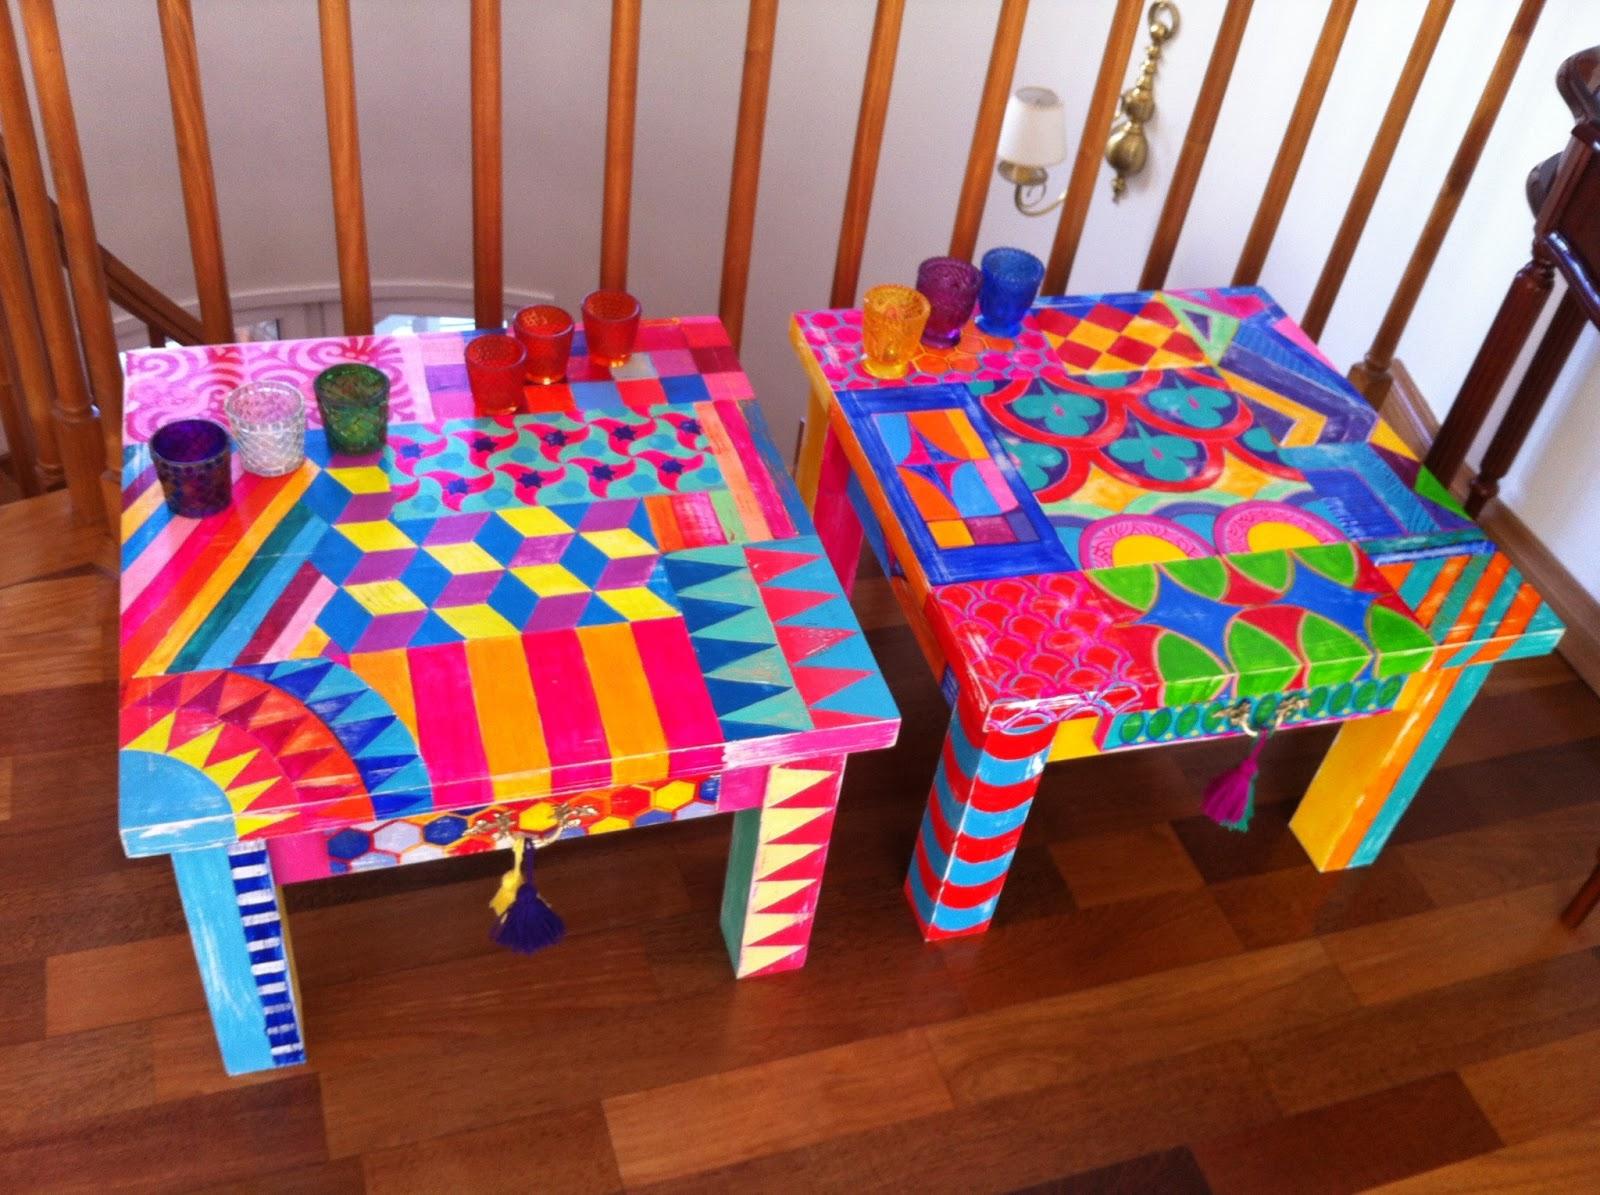 Vintouch muebles reciclados pintados a mano mesas - Muebles de colores pintados ...